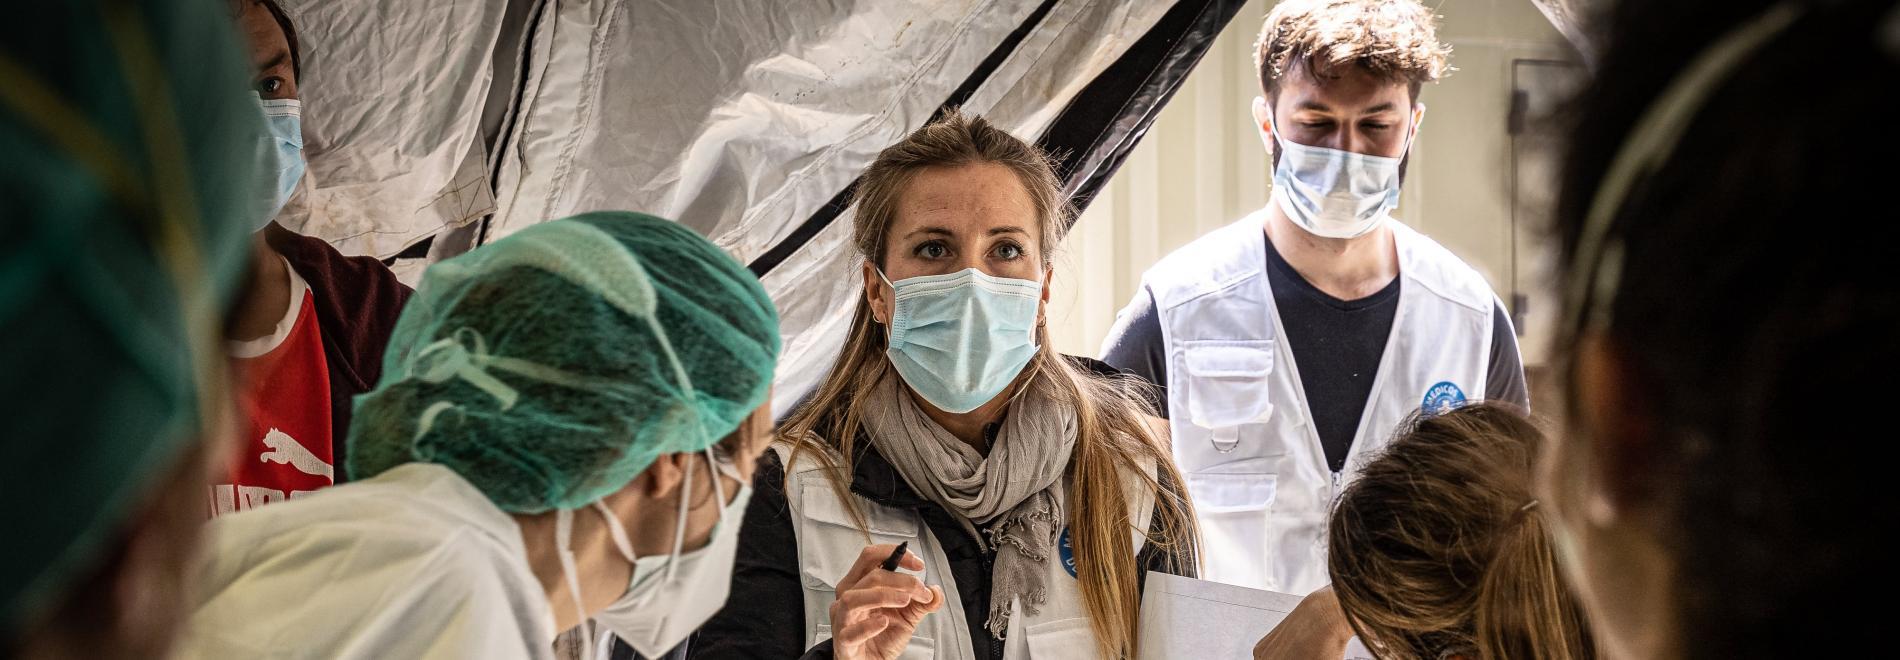 Von Anfang an helfen wir, die Pandemie einzudämmen.